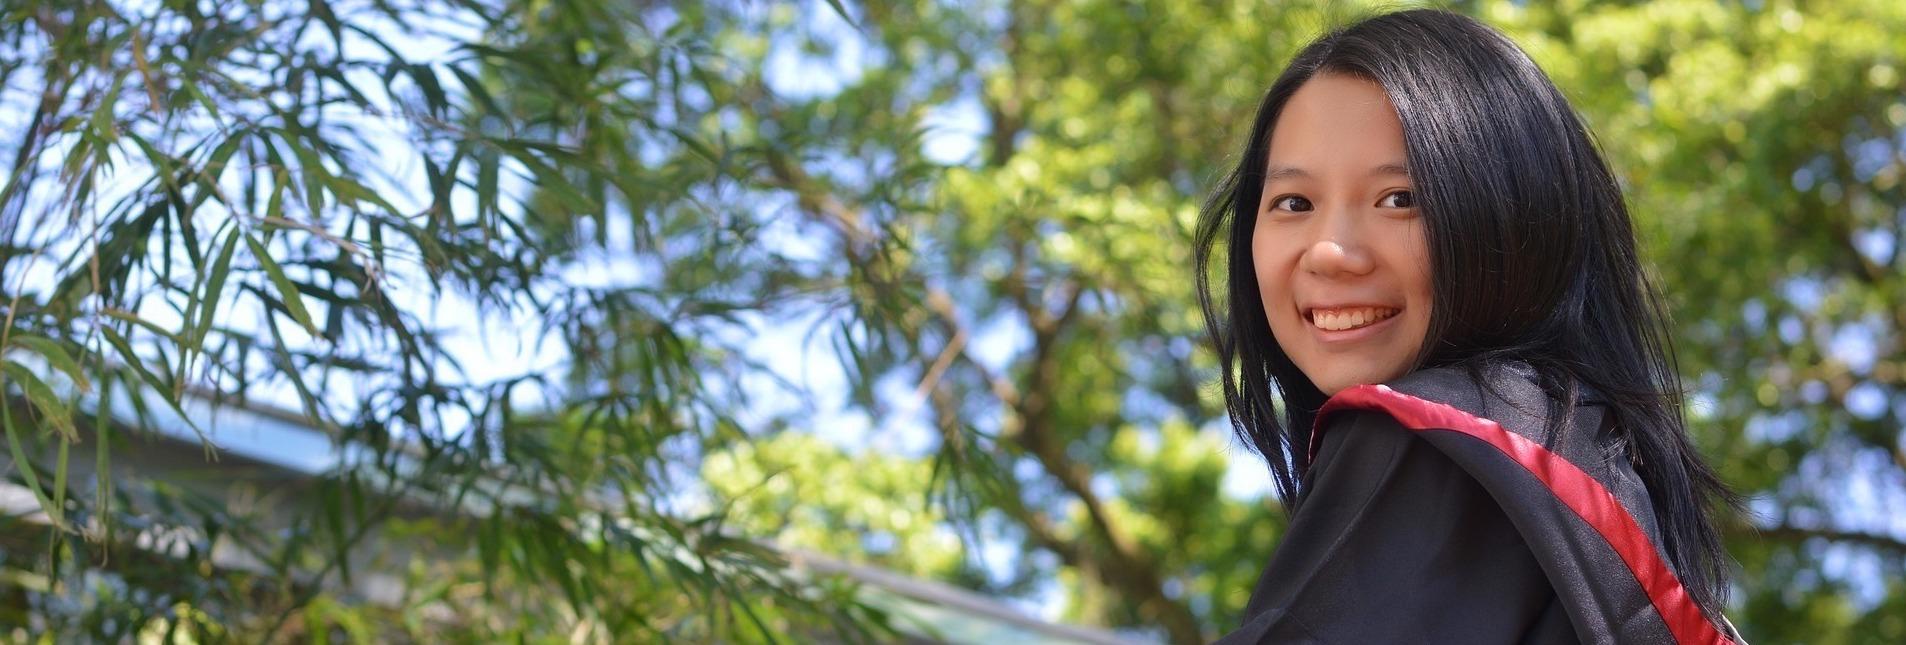 Business - College Advisors | VivED Consulting LLC / Dr. Aviva Legatt